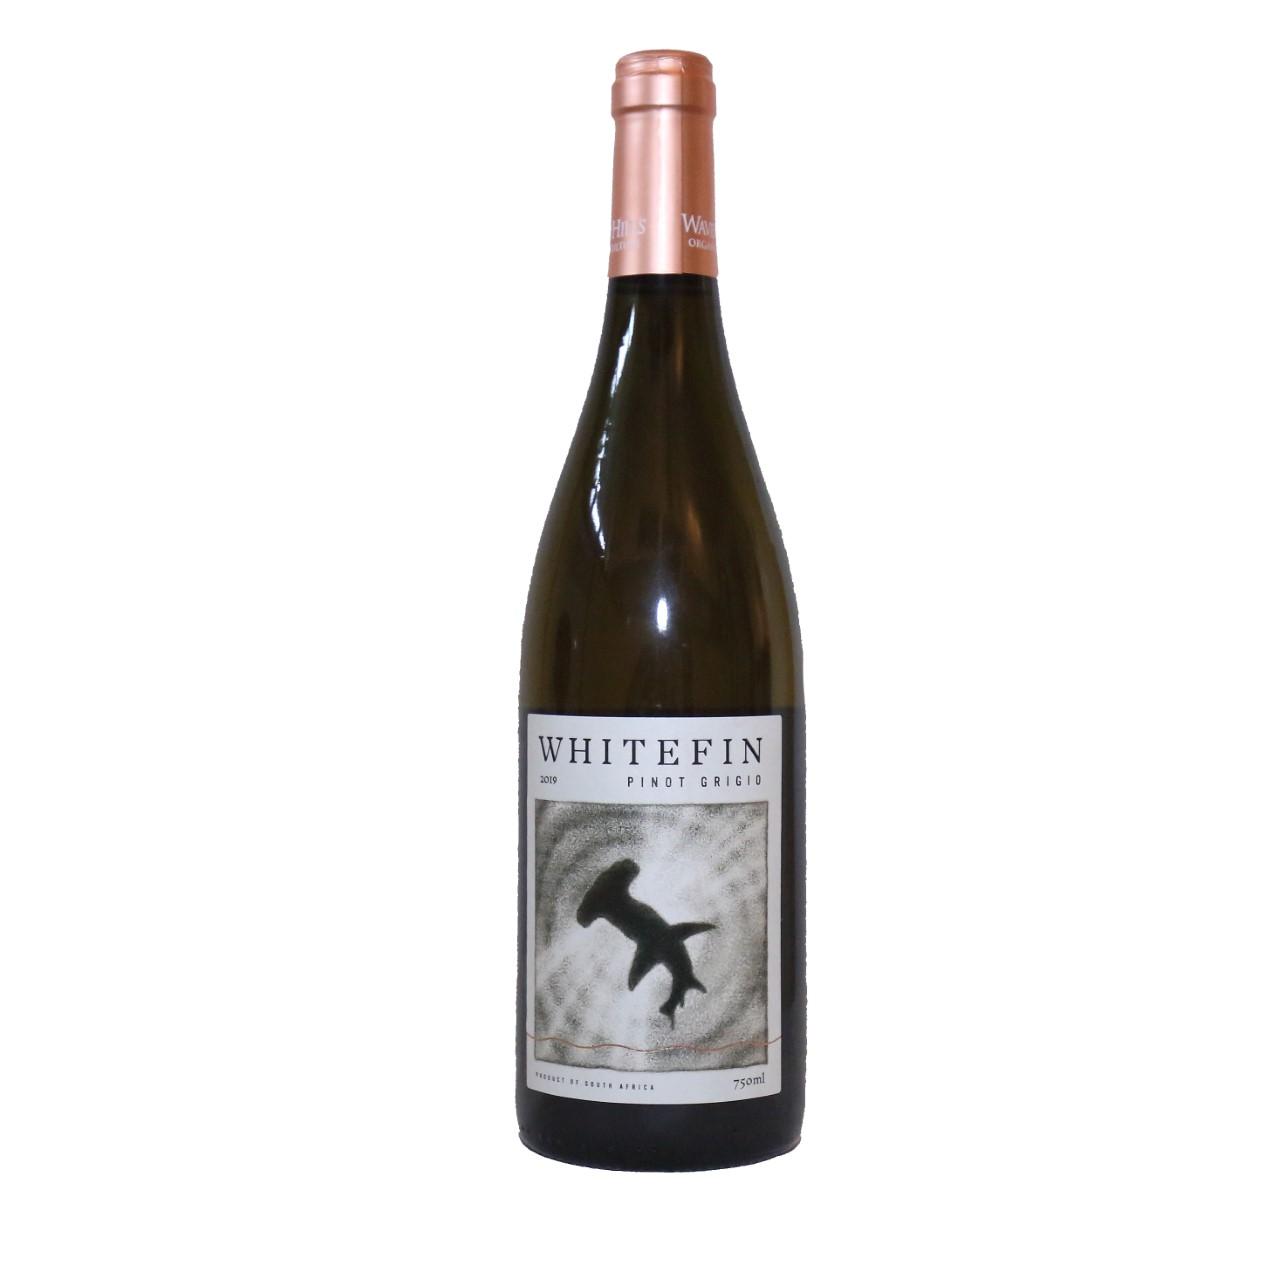 Whitefin Pinot Grigio 2019